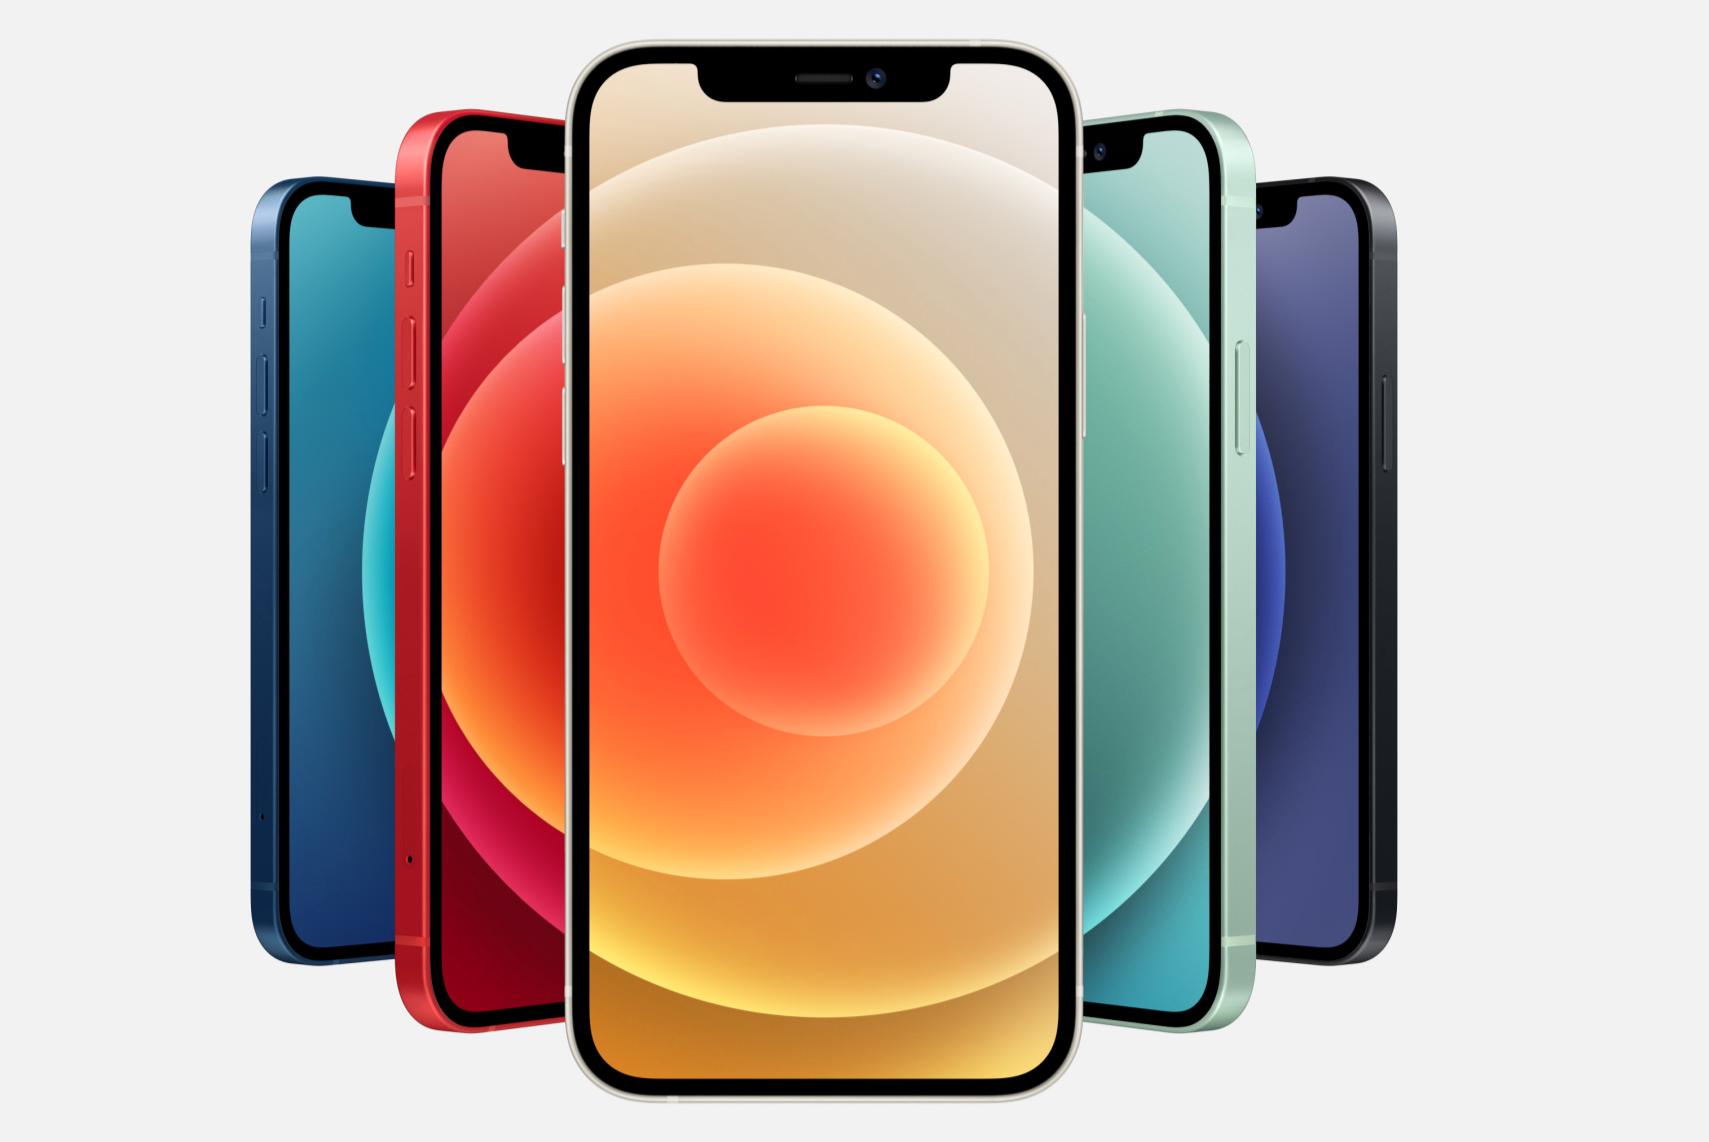 設定 iphone モバイル 楽天 楽天モバイルにようやく正式対応したiPhone。早速 iOS